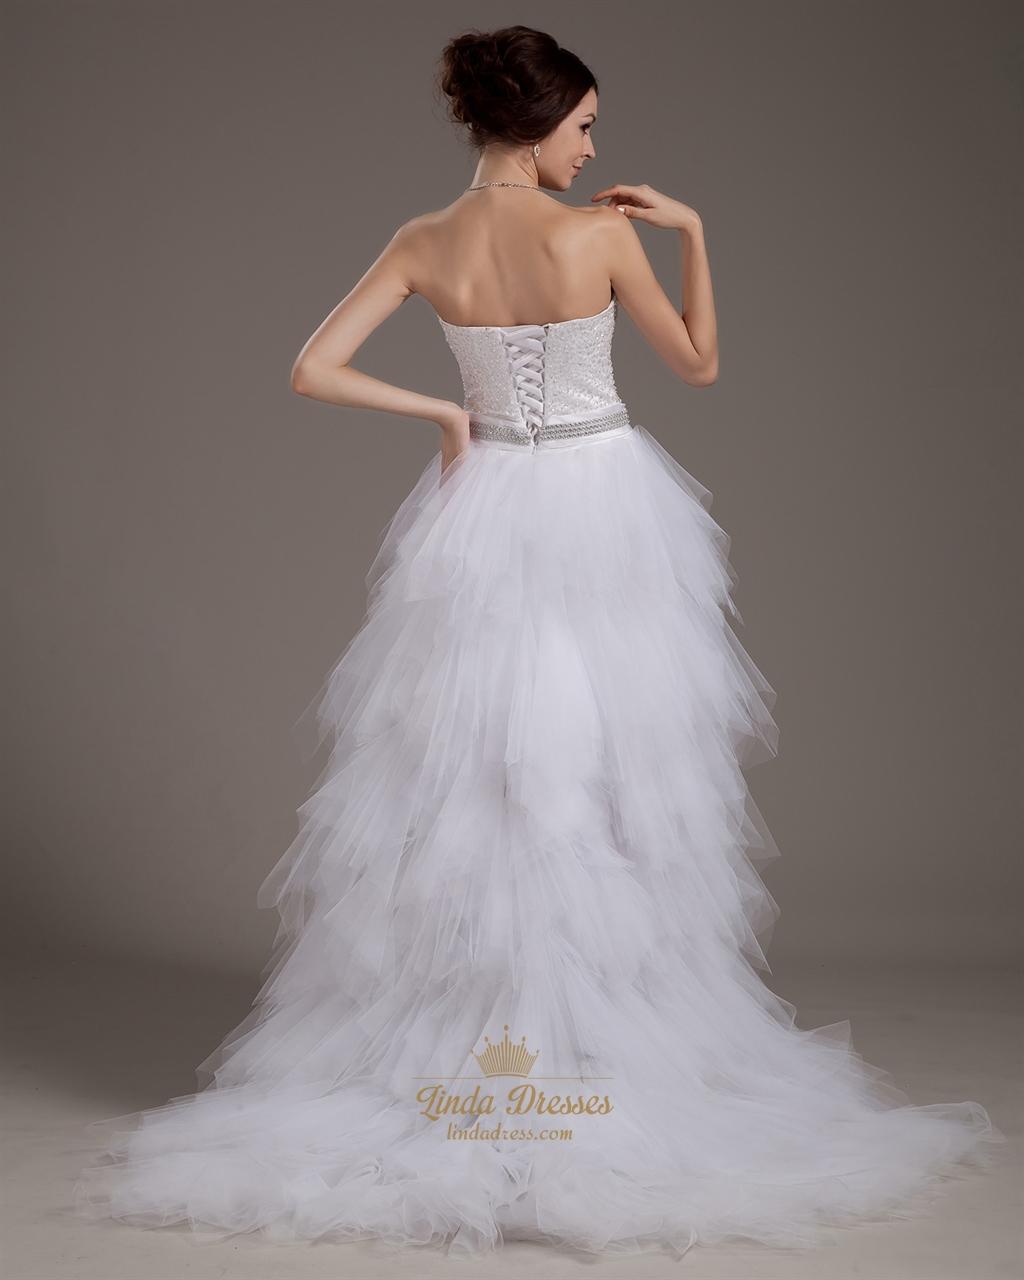 White strapless tulle ruffle skirt wedding dress with for Strapless wedding dress with ruffles